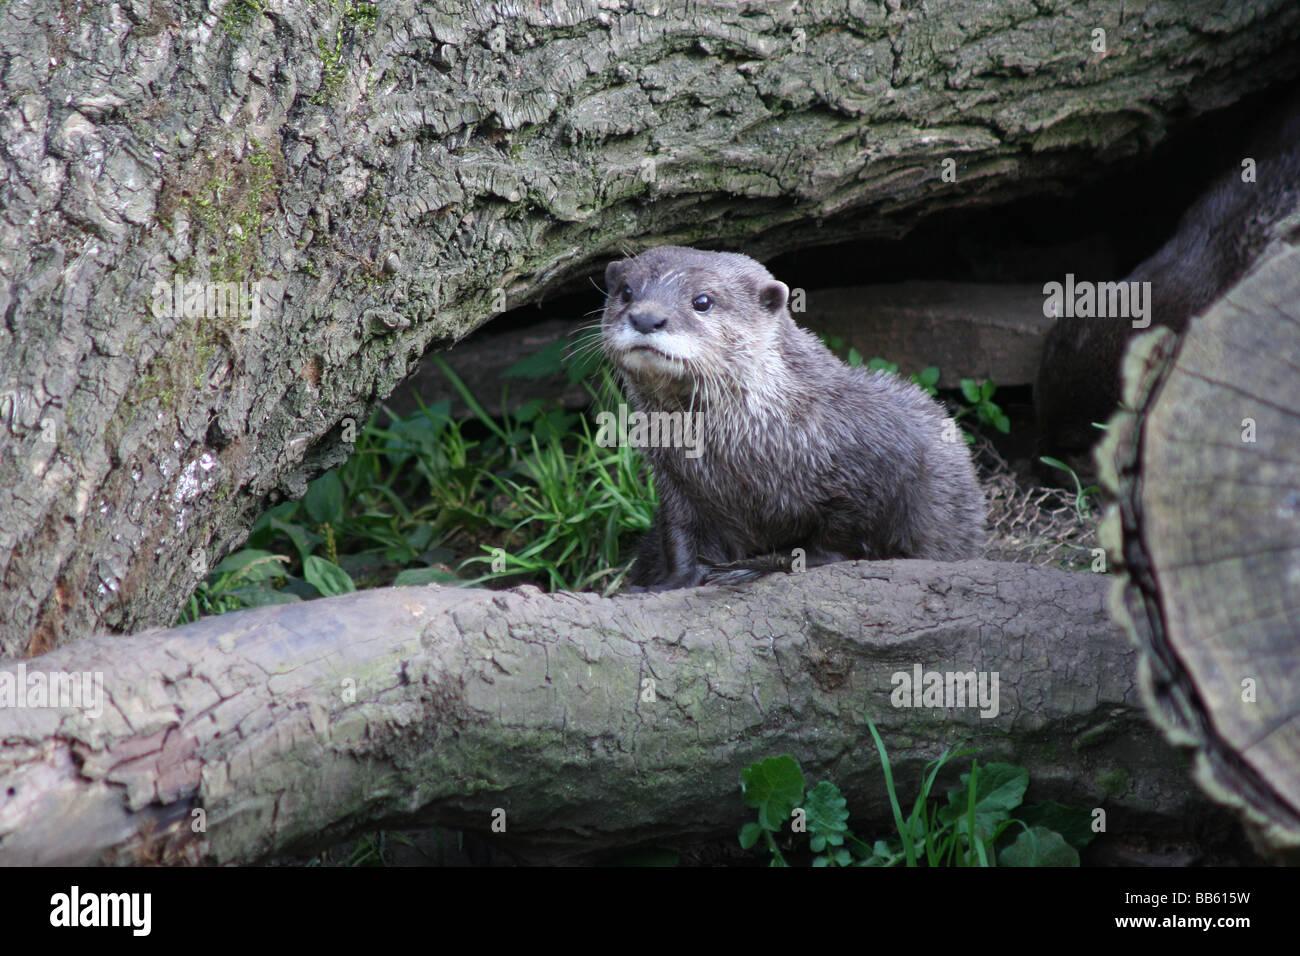 Una lontra sulla terra asciutta. Foto Stock